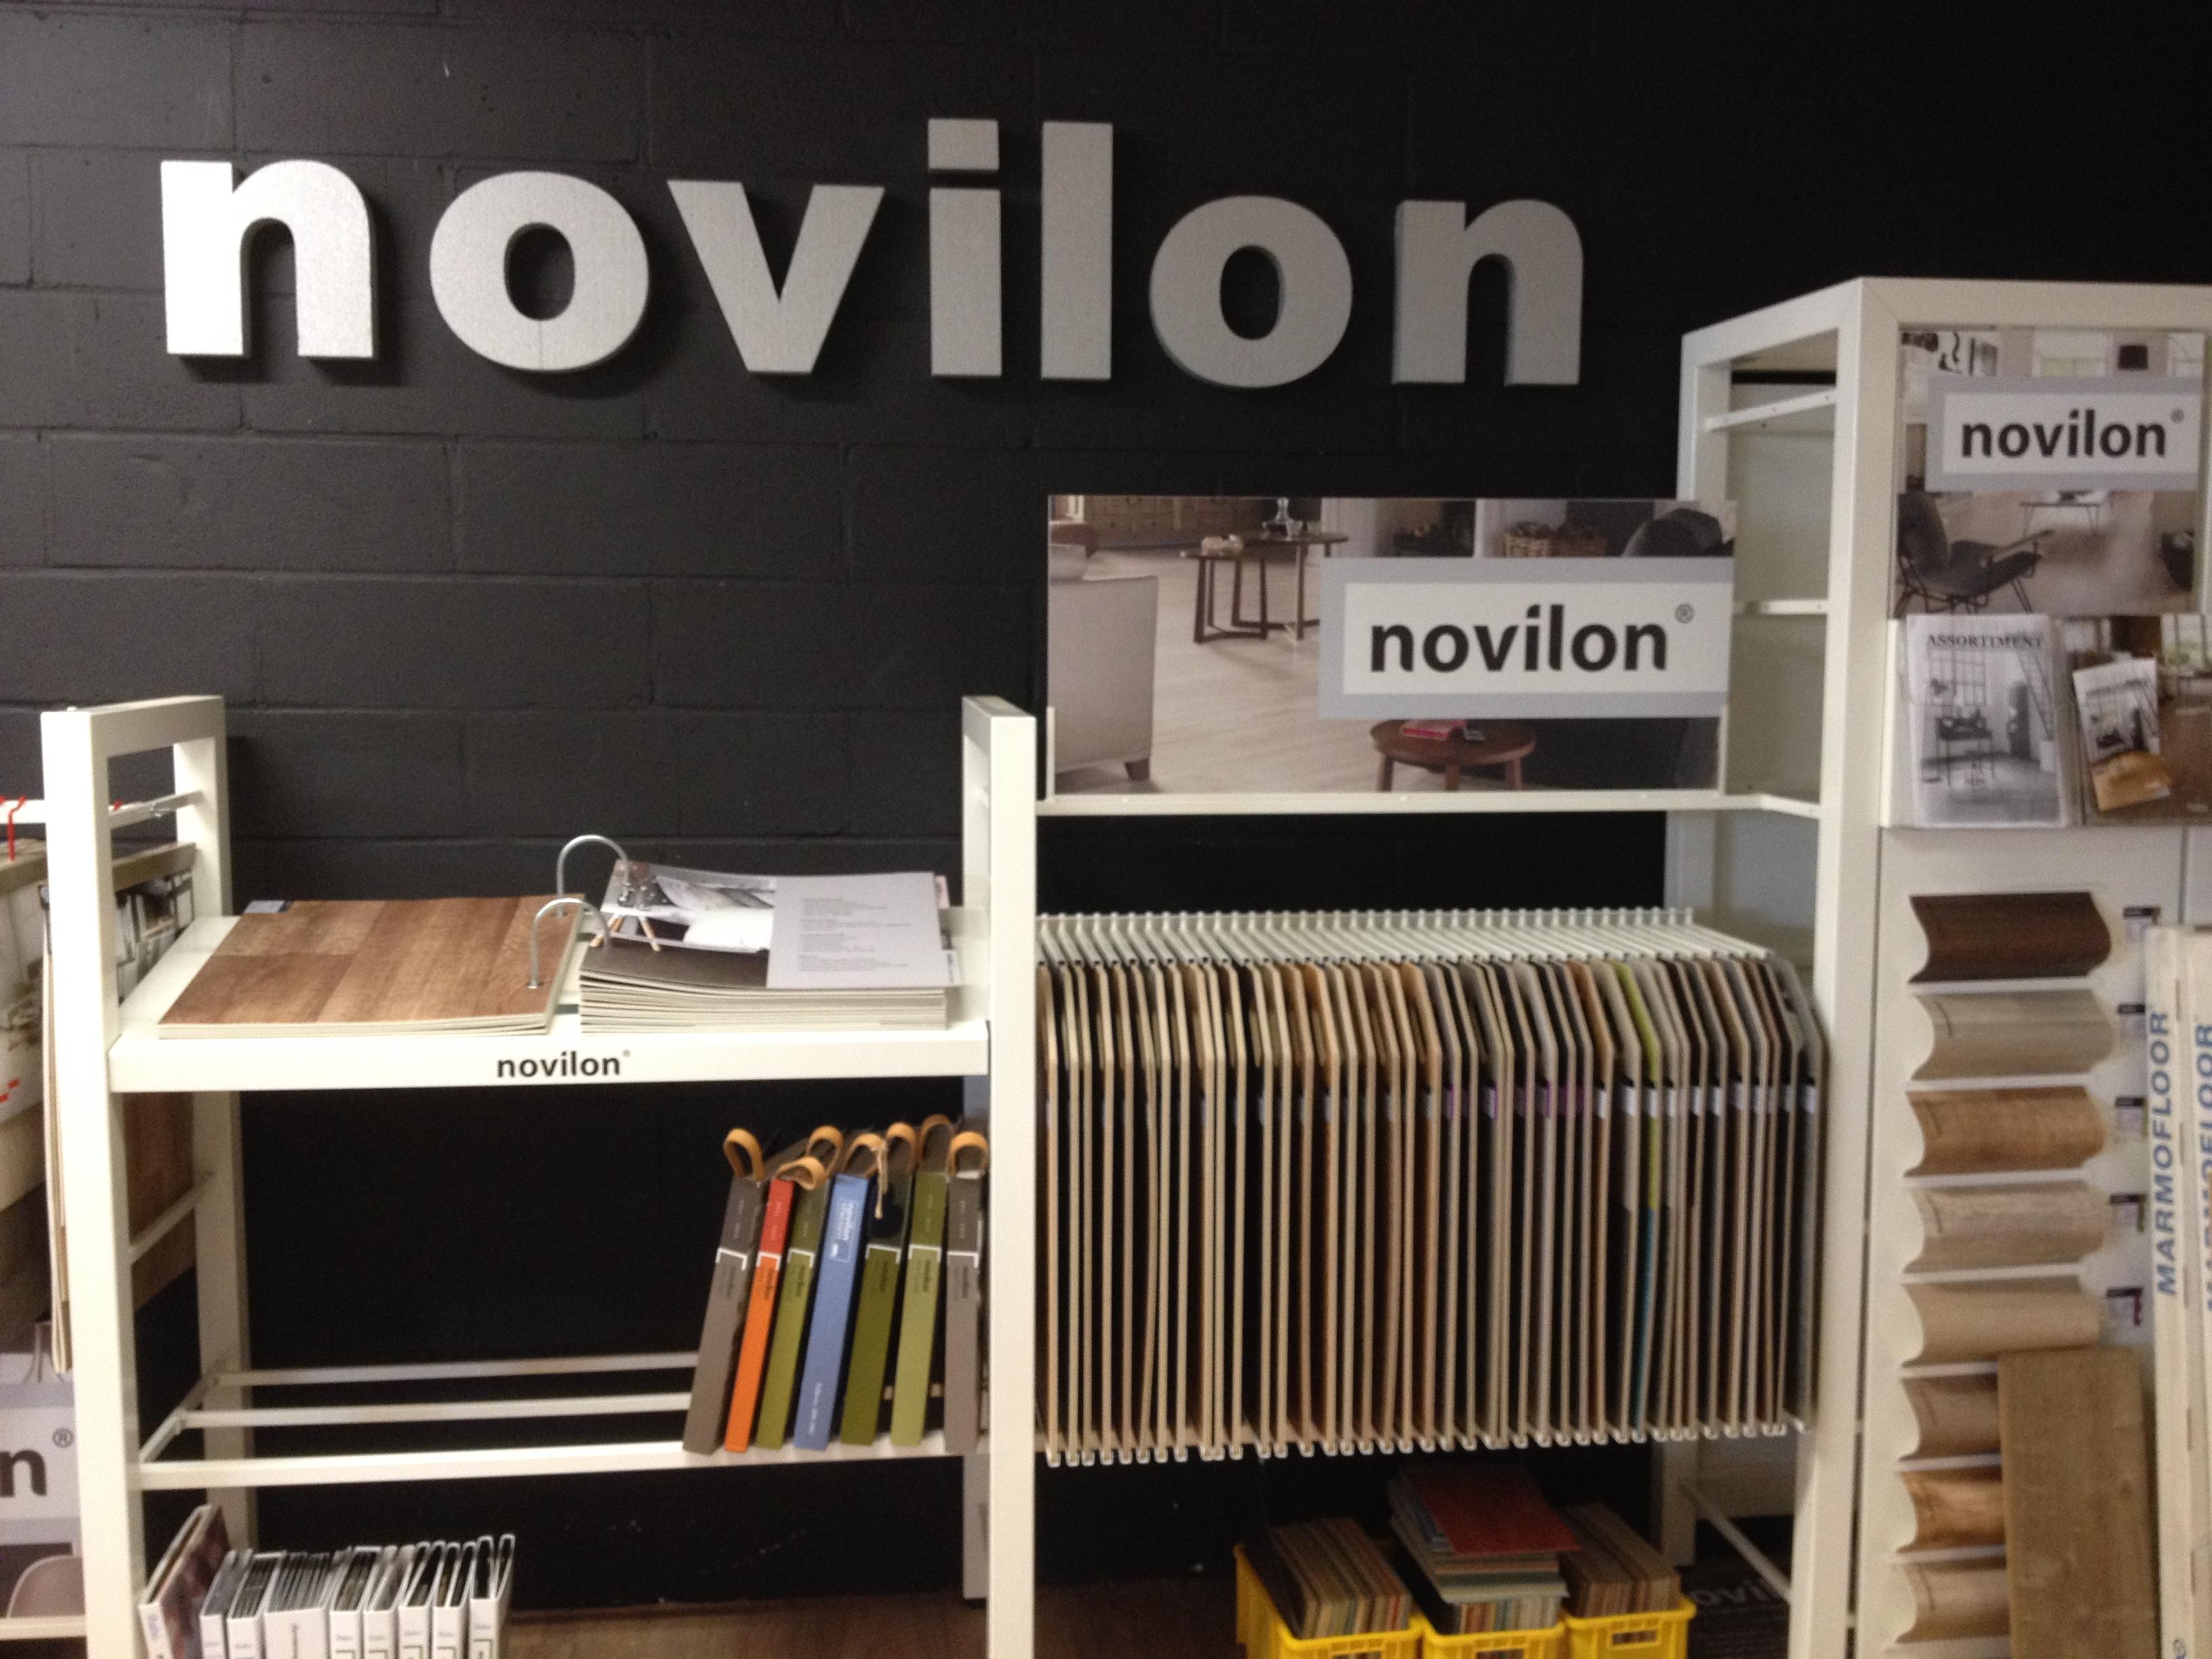 Novilon Pvc Vloer : Novilon markant wonen hengelo